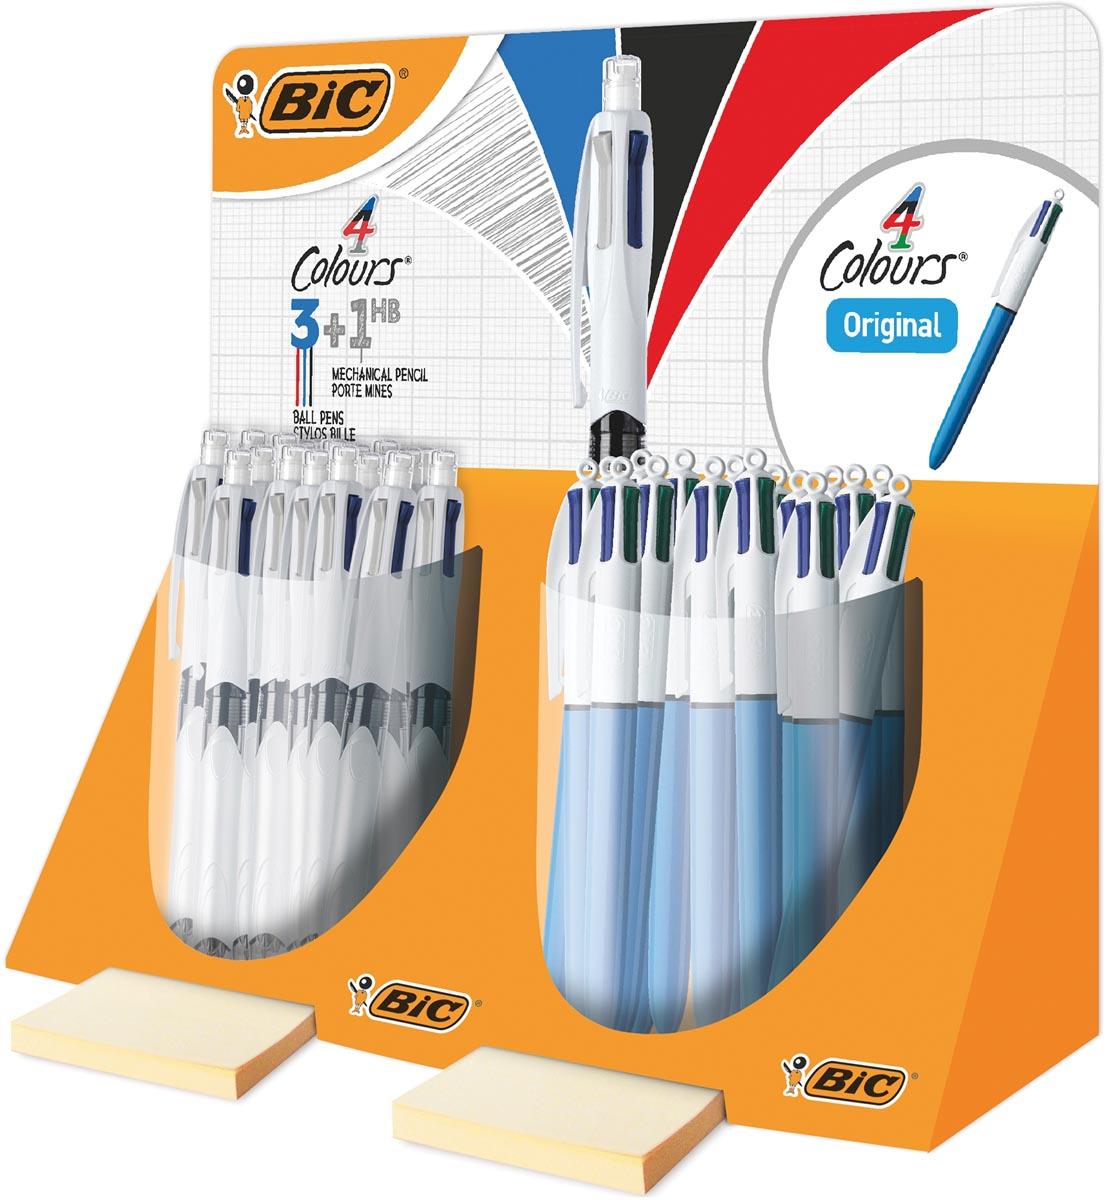 Afbeelding van Bic 4 Colours medium & 3+1 HB, tubo van 40 stuks